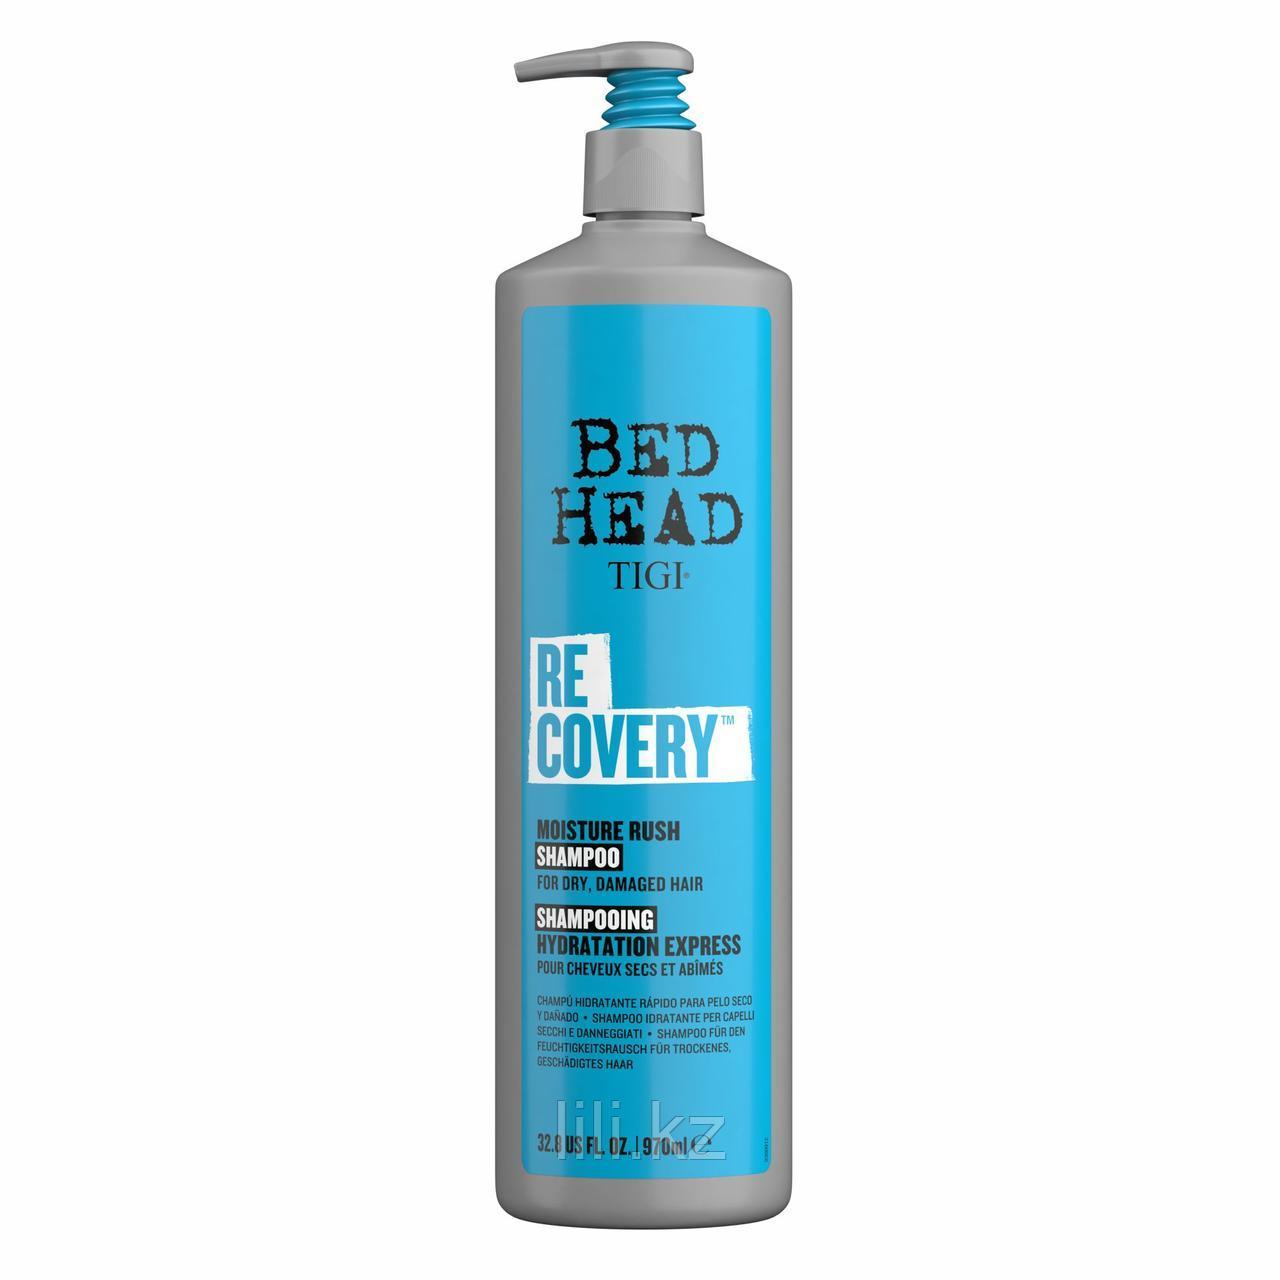 Увлажняющий шампунь TIGI Bed Head для сухих и поврежденных волос Recovery 970 мл.